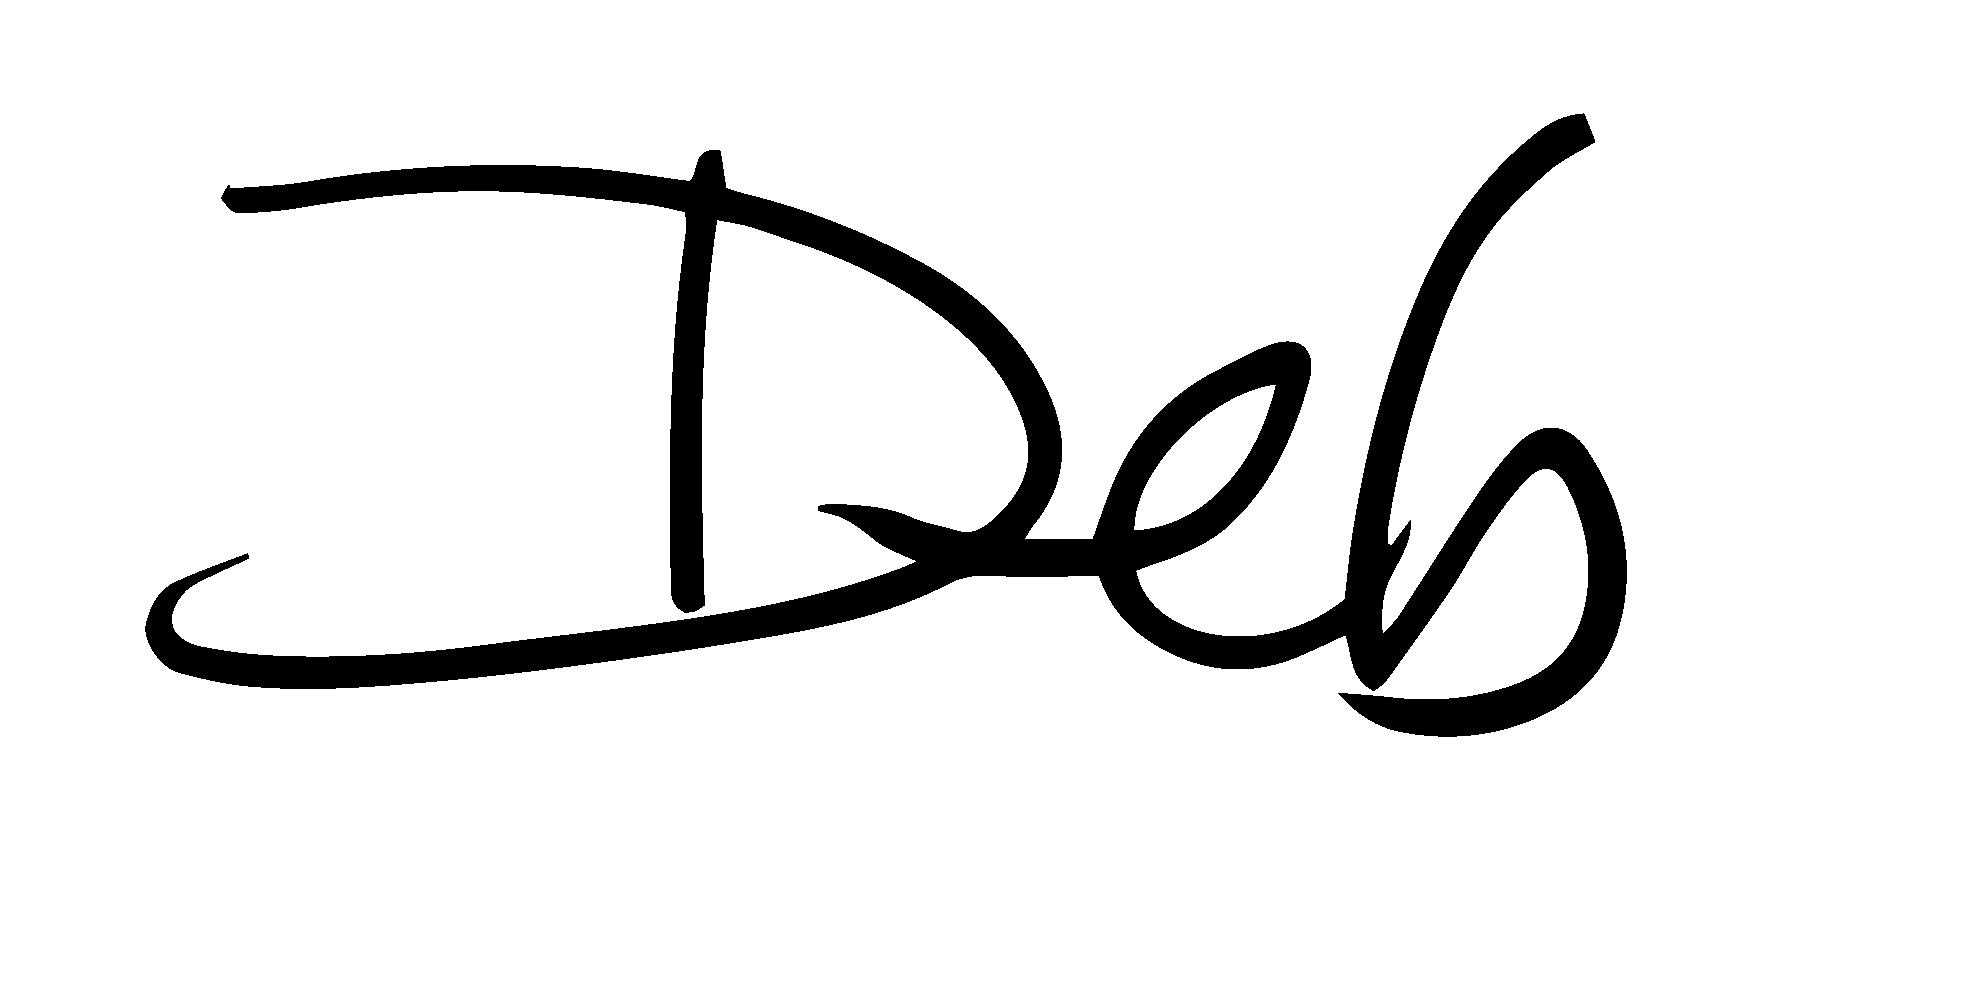 Deb signature 2-01